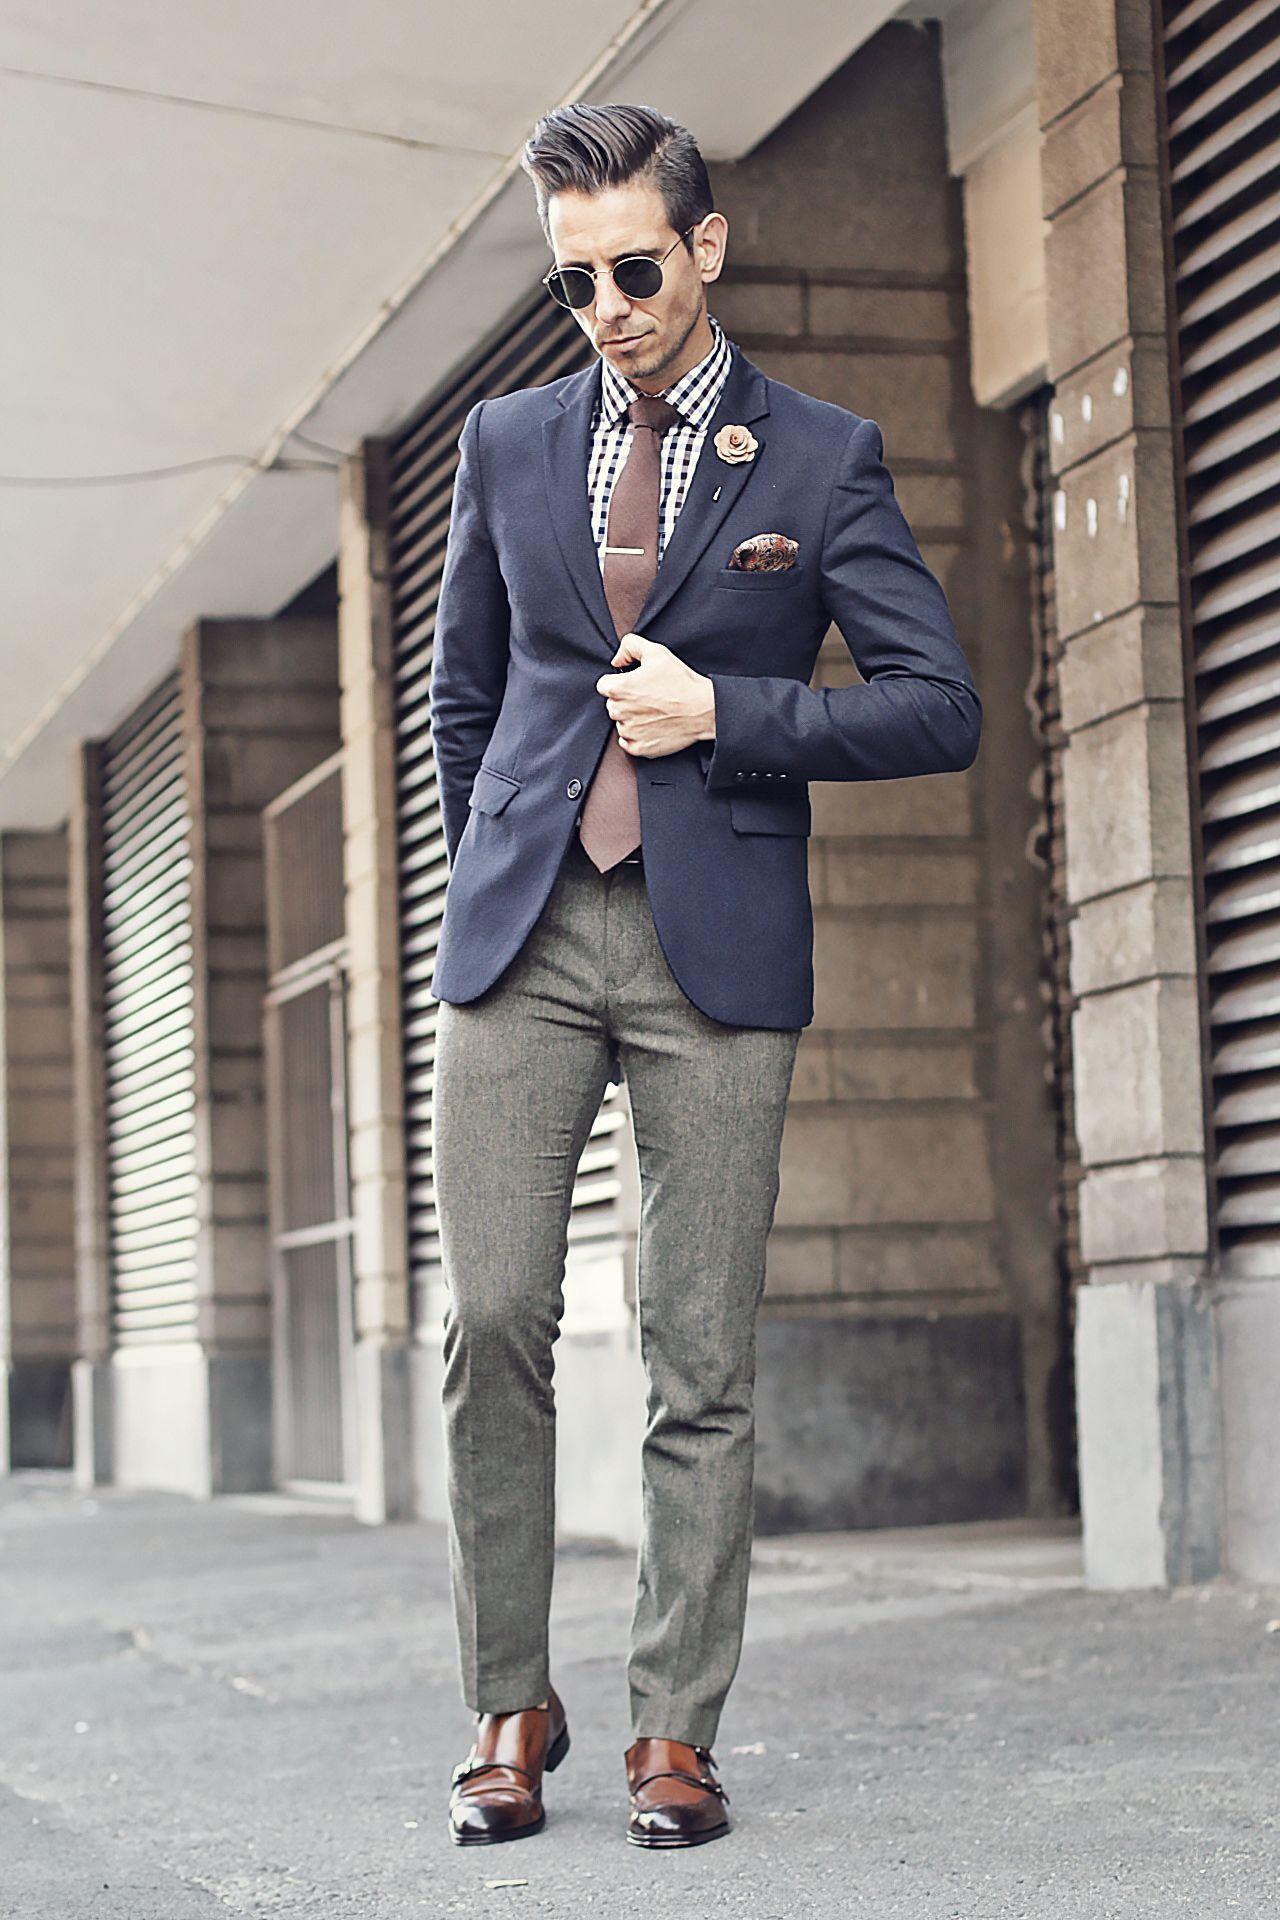 ff0bc0c5cb8ce Mens Fashion - Blue Blazer